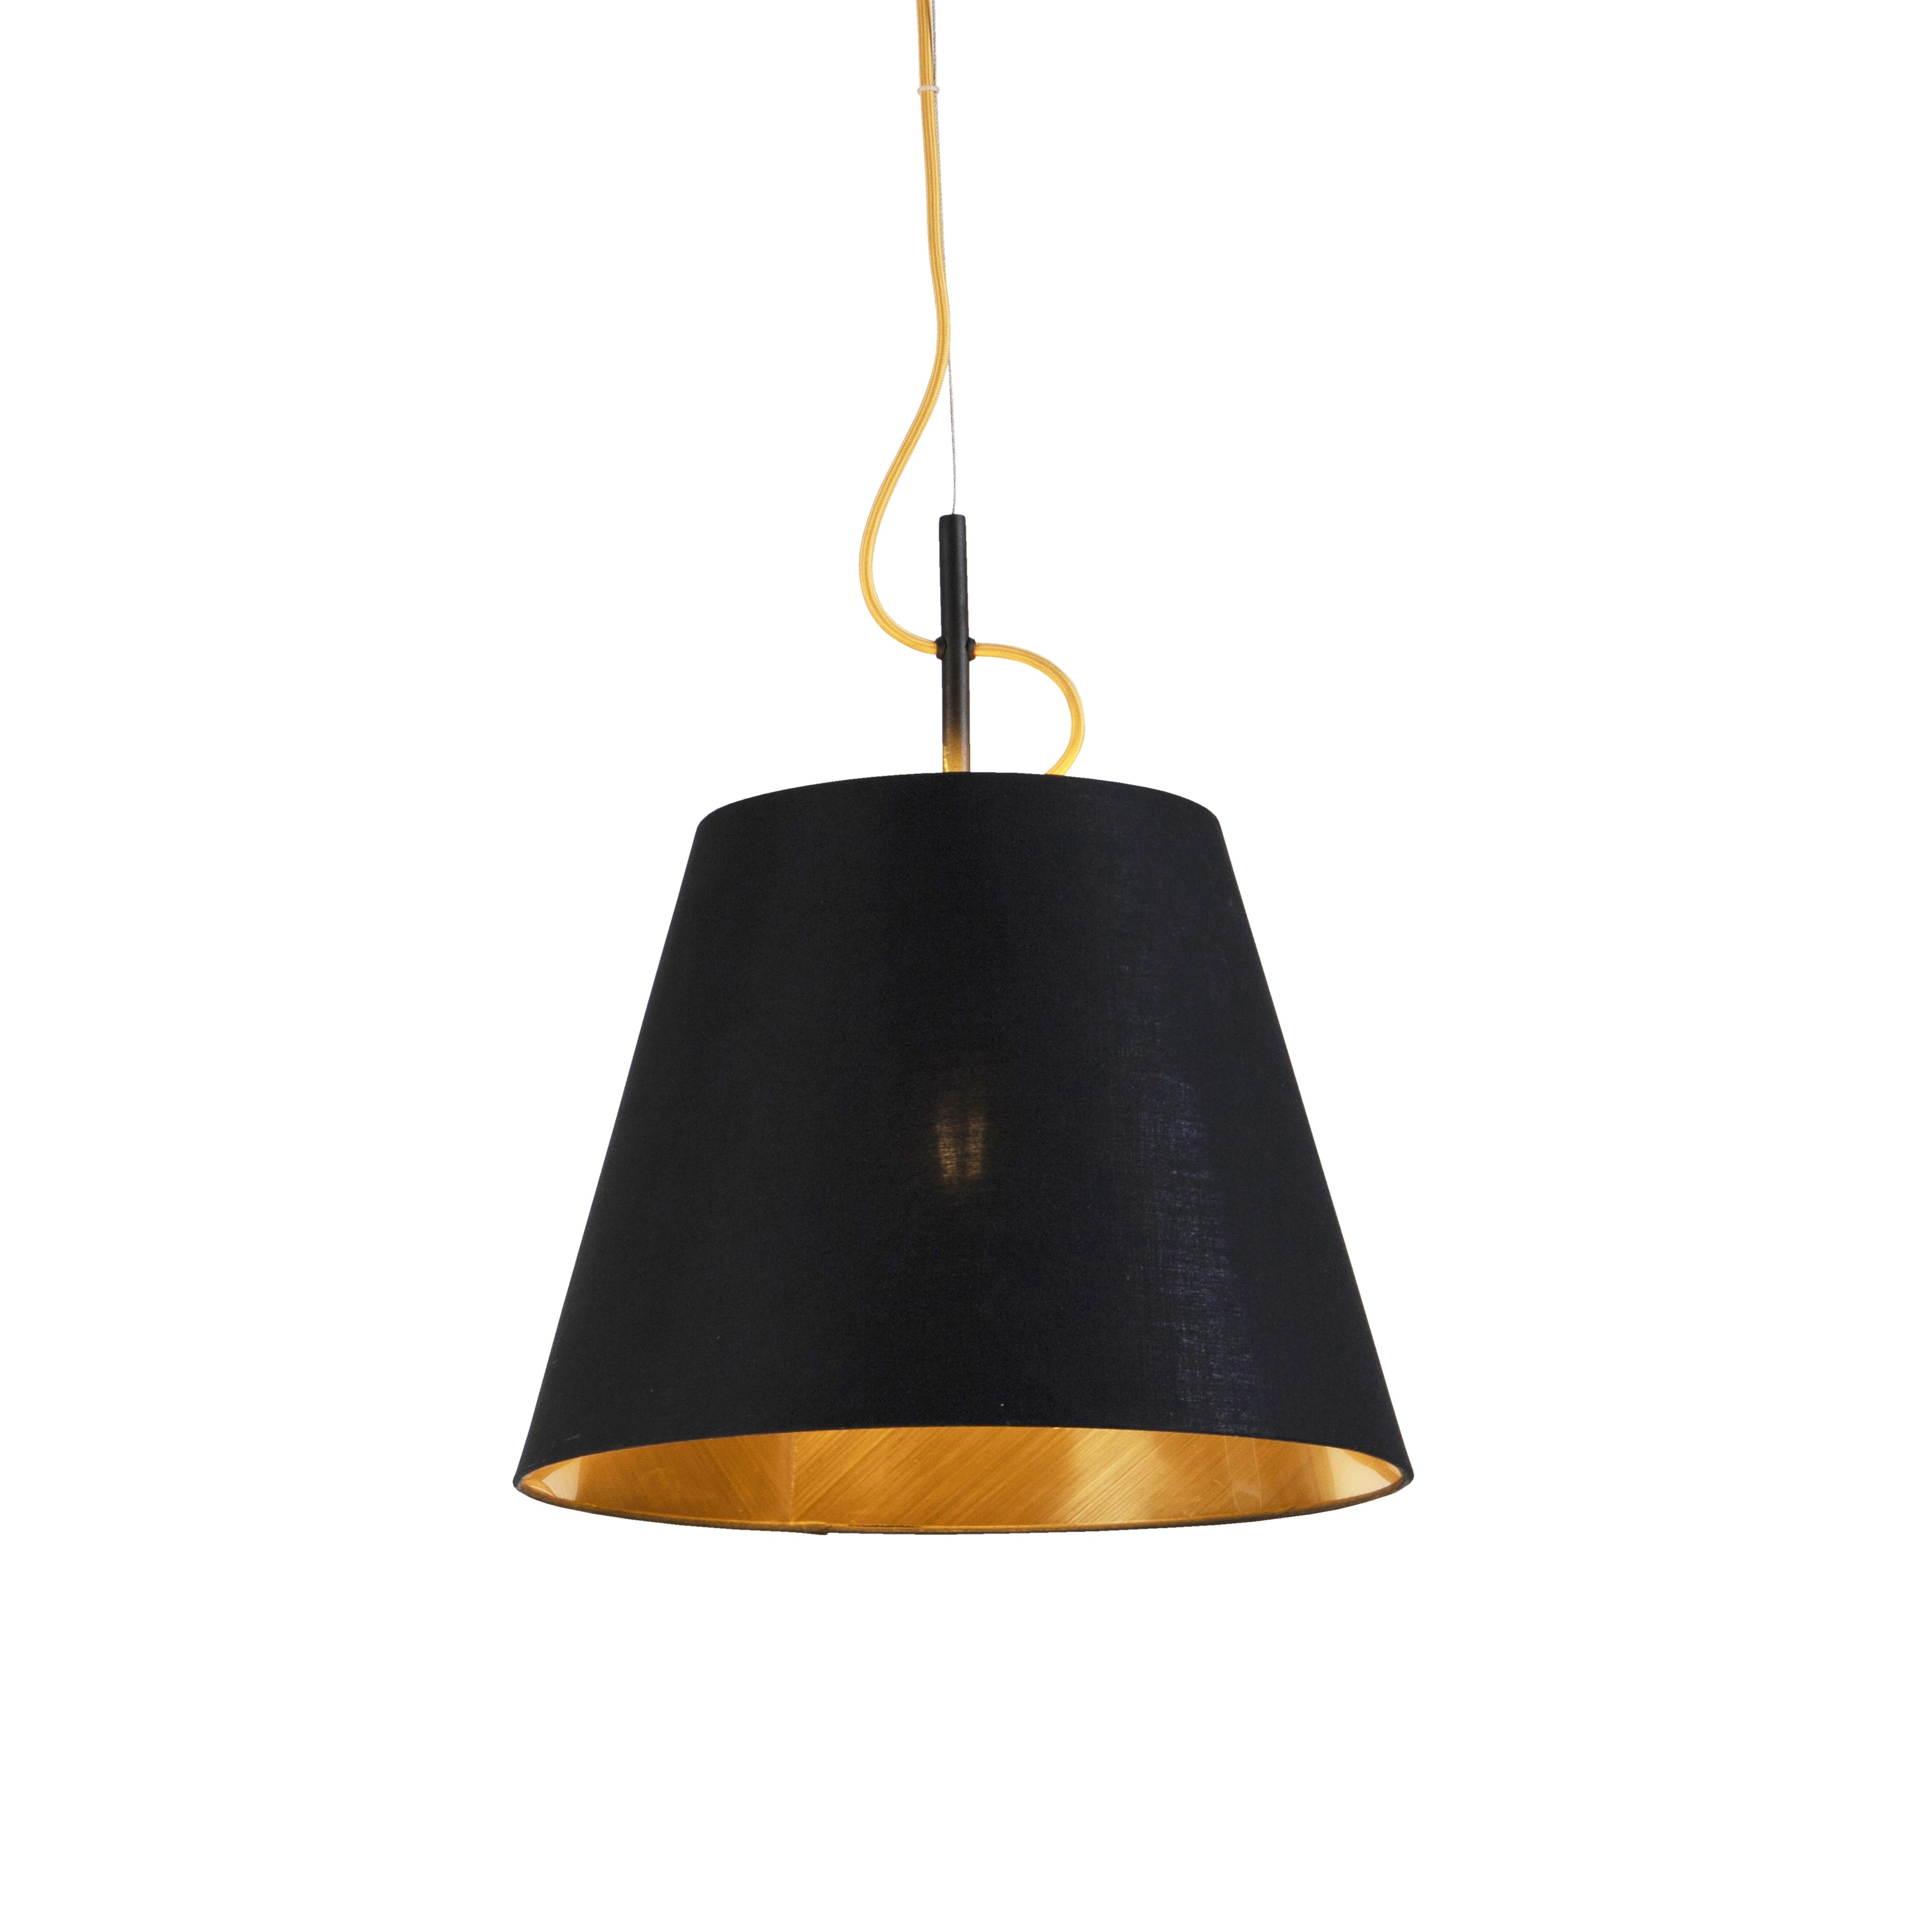 Nowoczesna lampa wisząca czarna ze złotem - Andrie